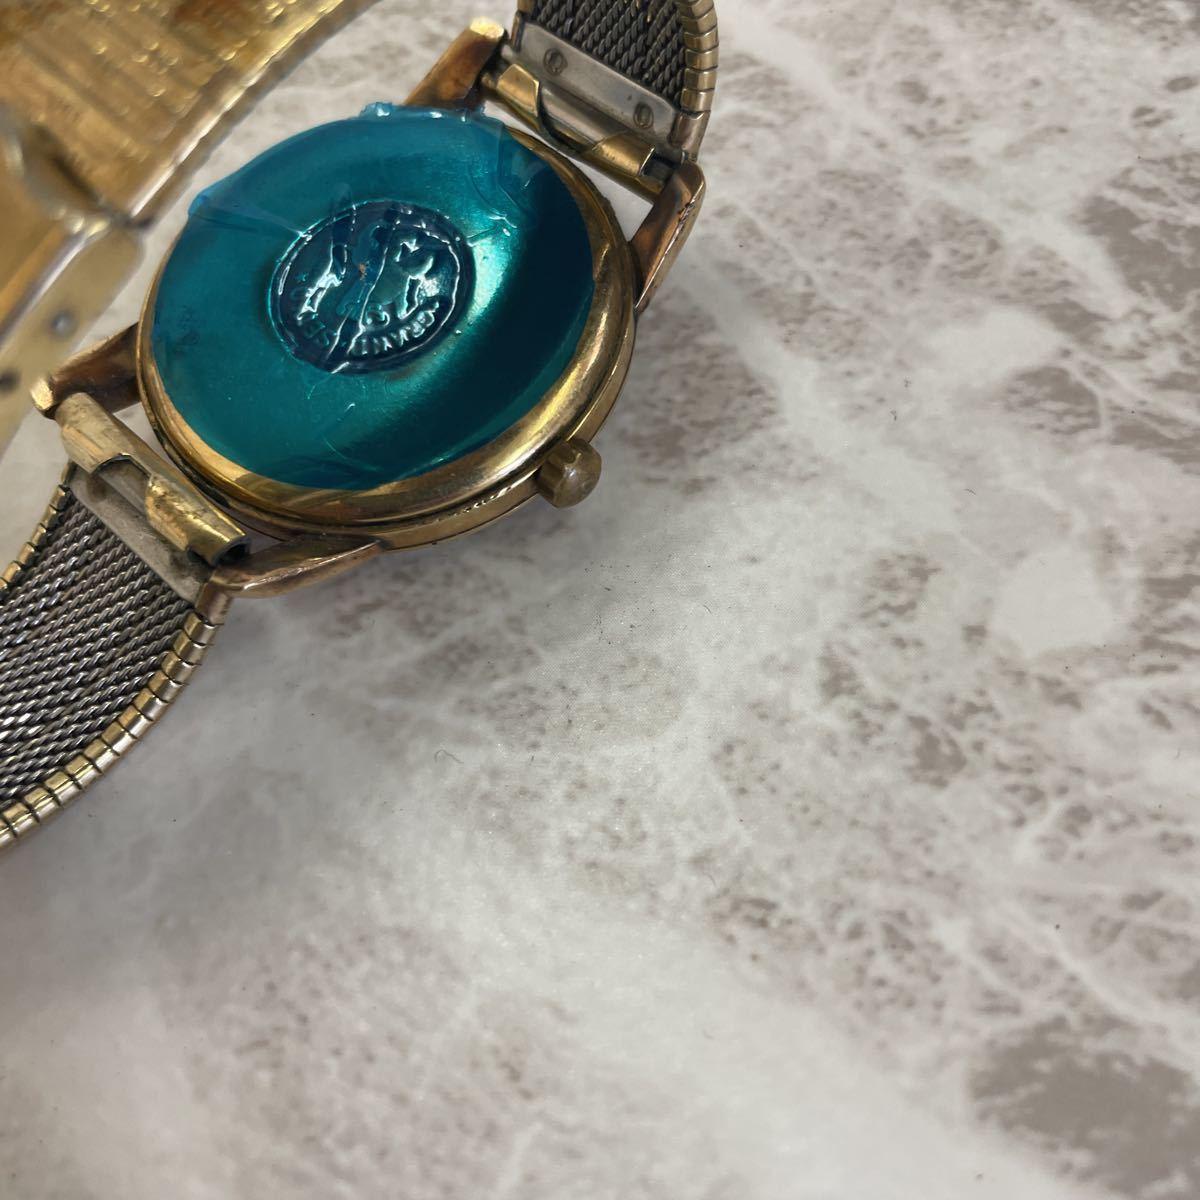 稼働品・ムーブ綺麗・SEIKO セイコー GS グランドセイコー ファースト 1st Ref.J14070 Cal.3180 メンズ 腕時計 獅子メダル 14K 金張り_画像6